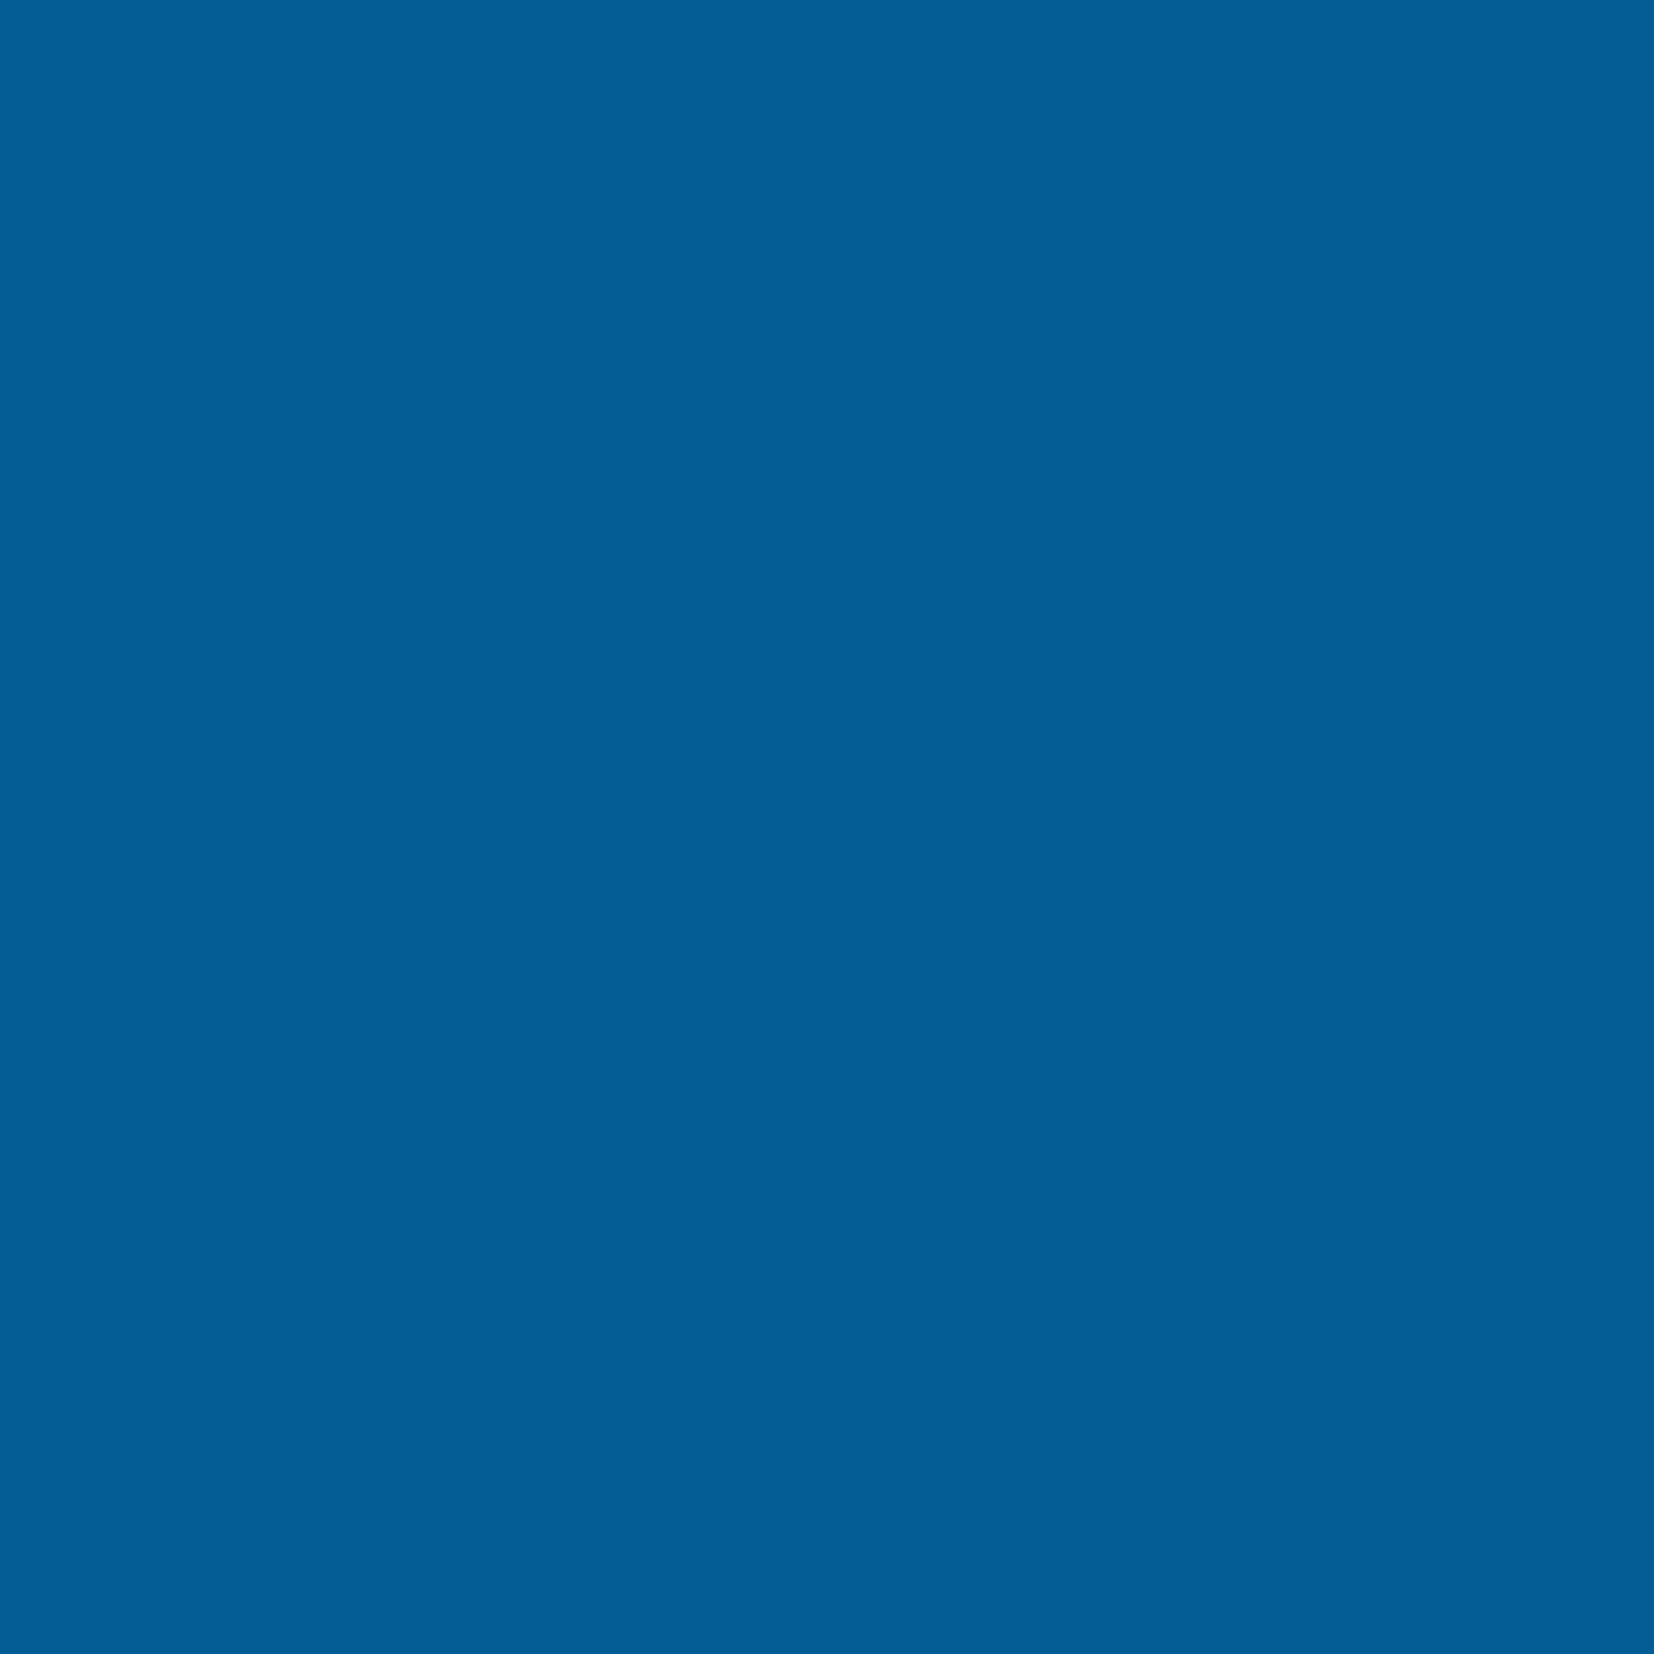 Rugiagėlių mėlyna (King Blue/KIB)